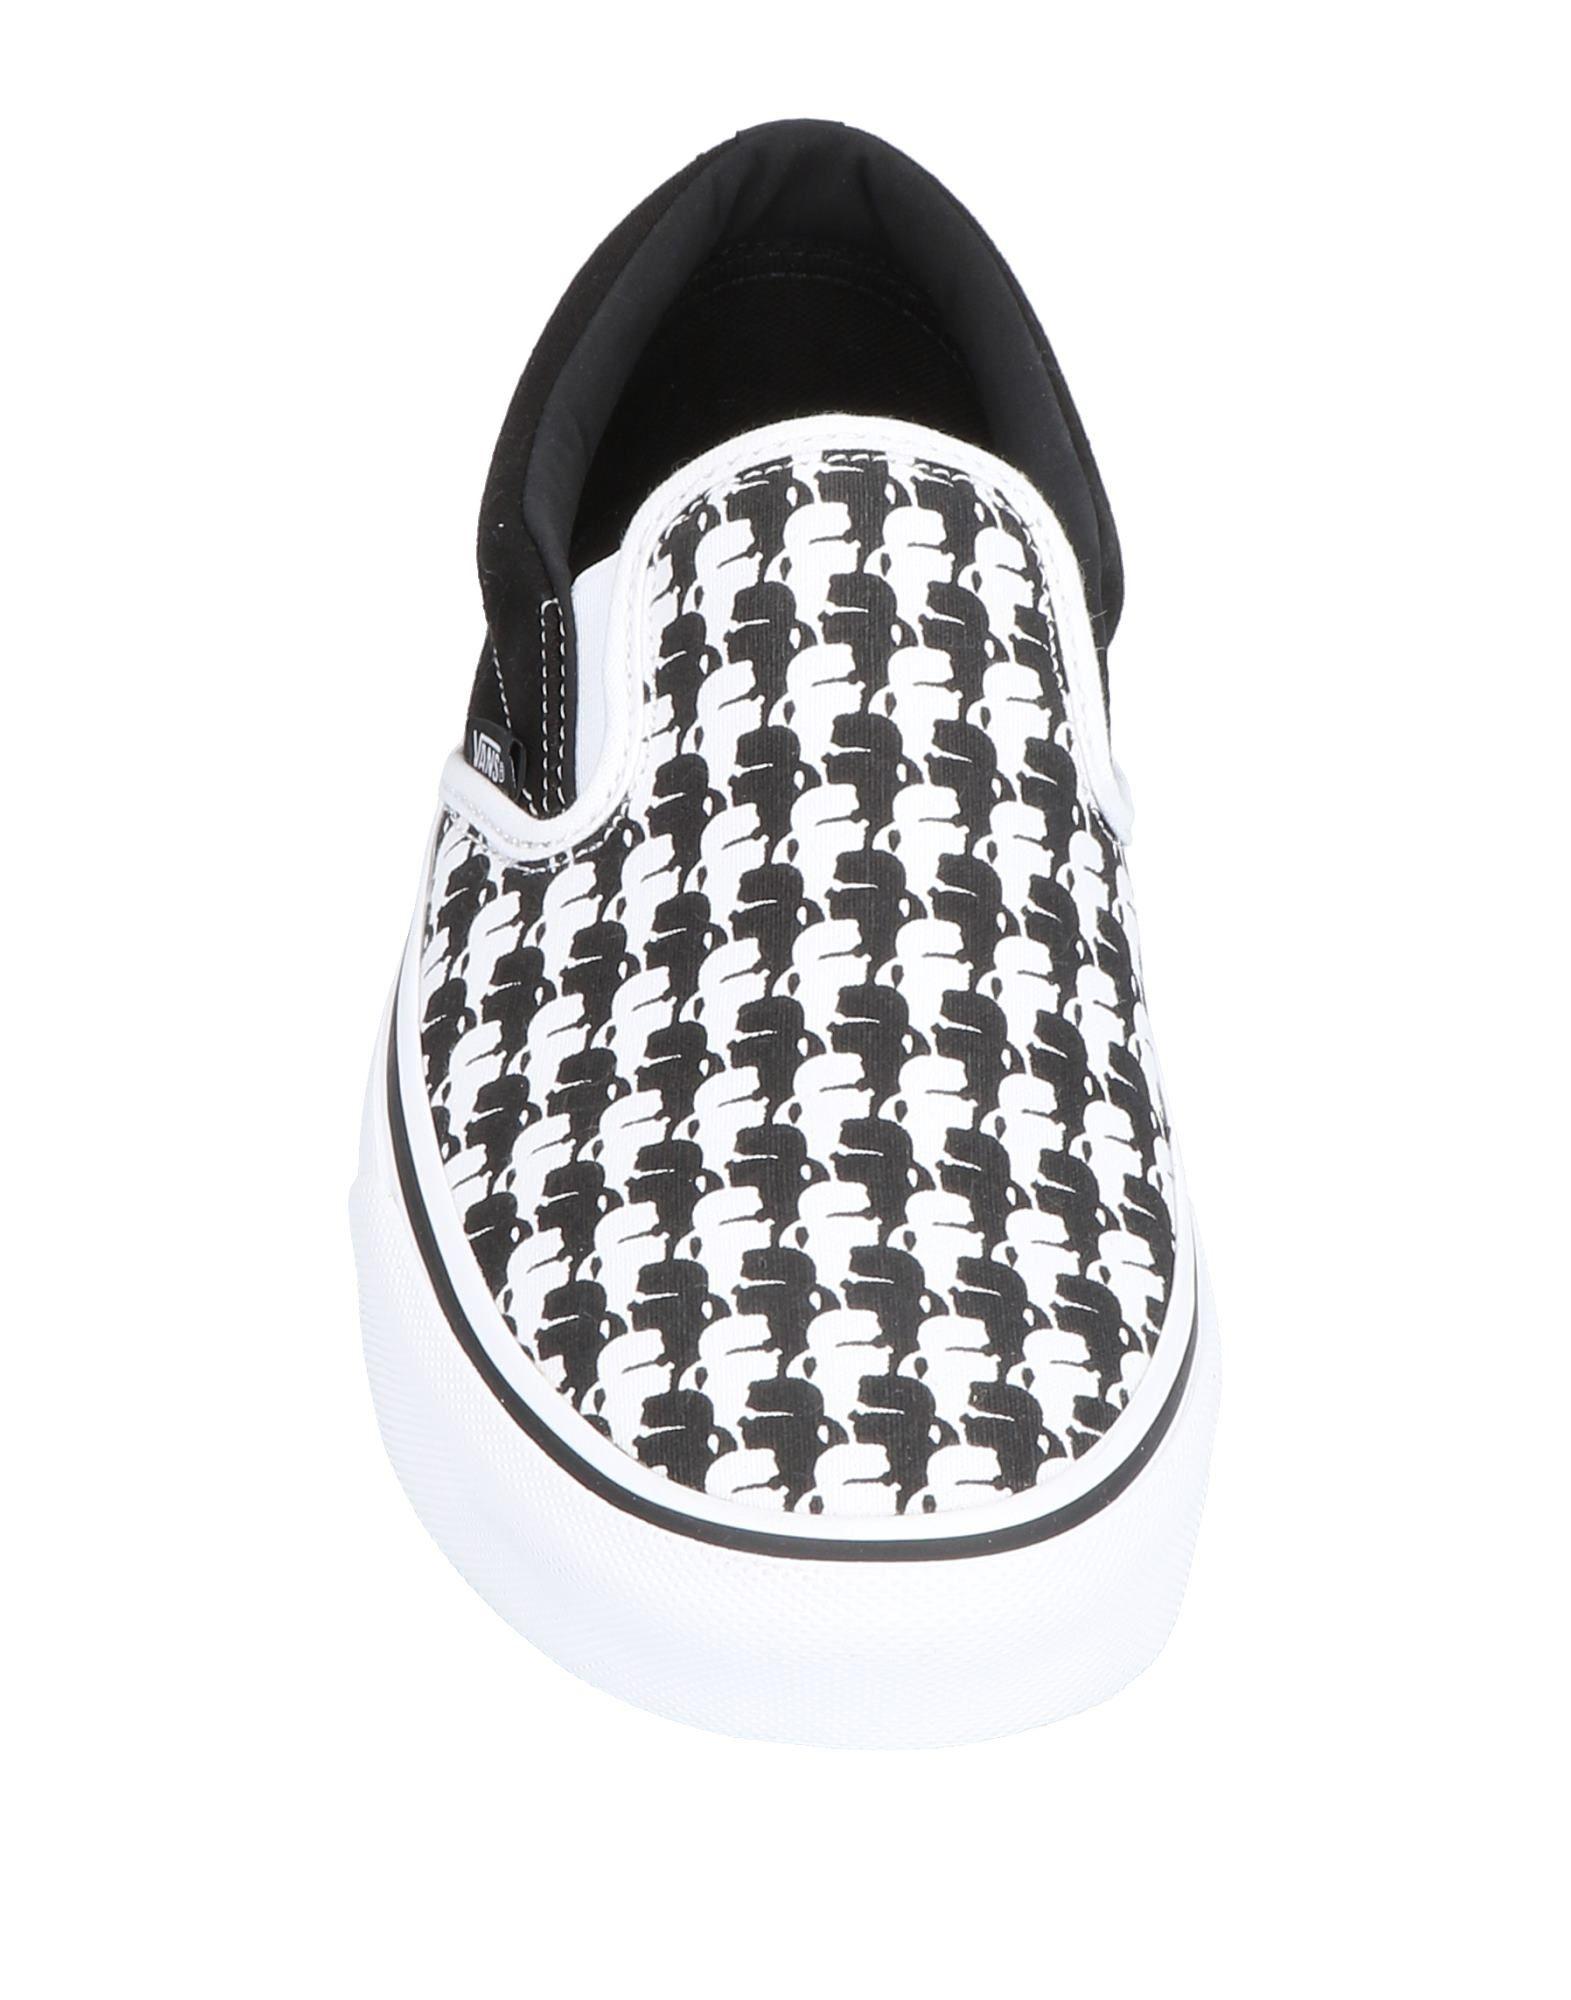 Vans Herren X Karl Lagerfeld Sneakers Herren Vans  11484163AH 09aec0